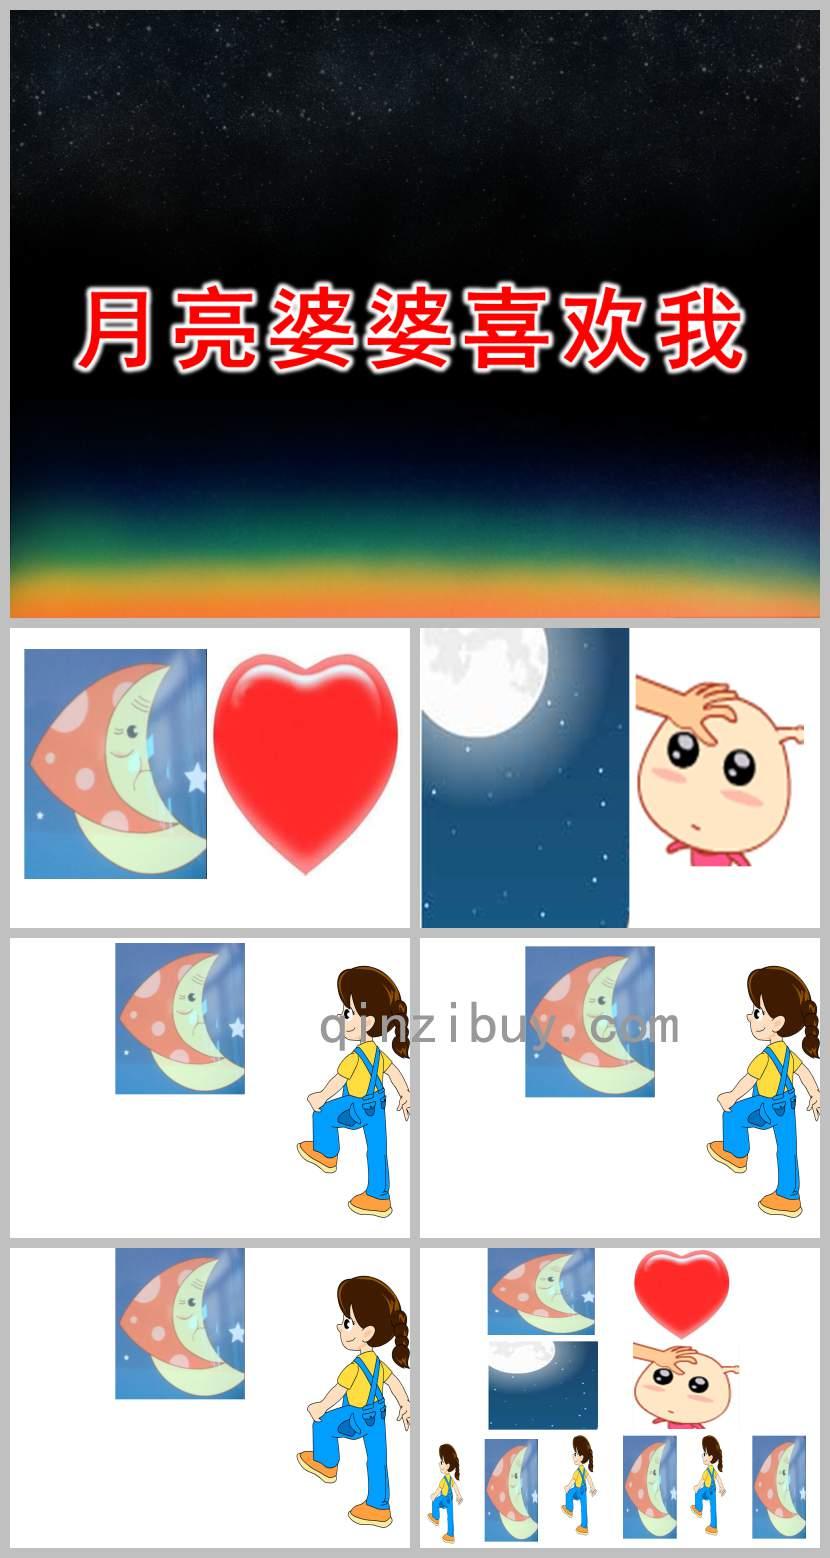 月亮婆婆喜欢我PPT课件教案图片